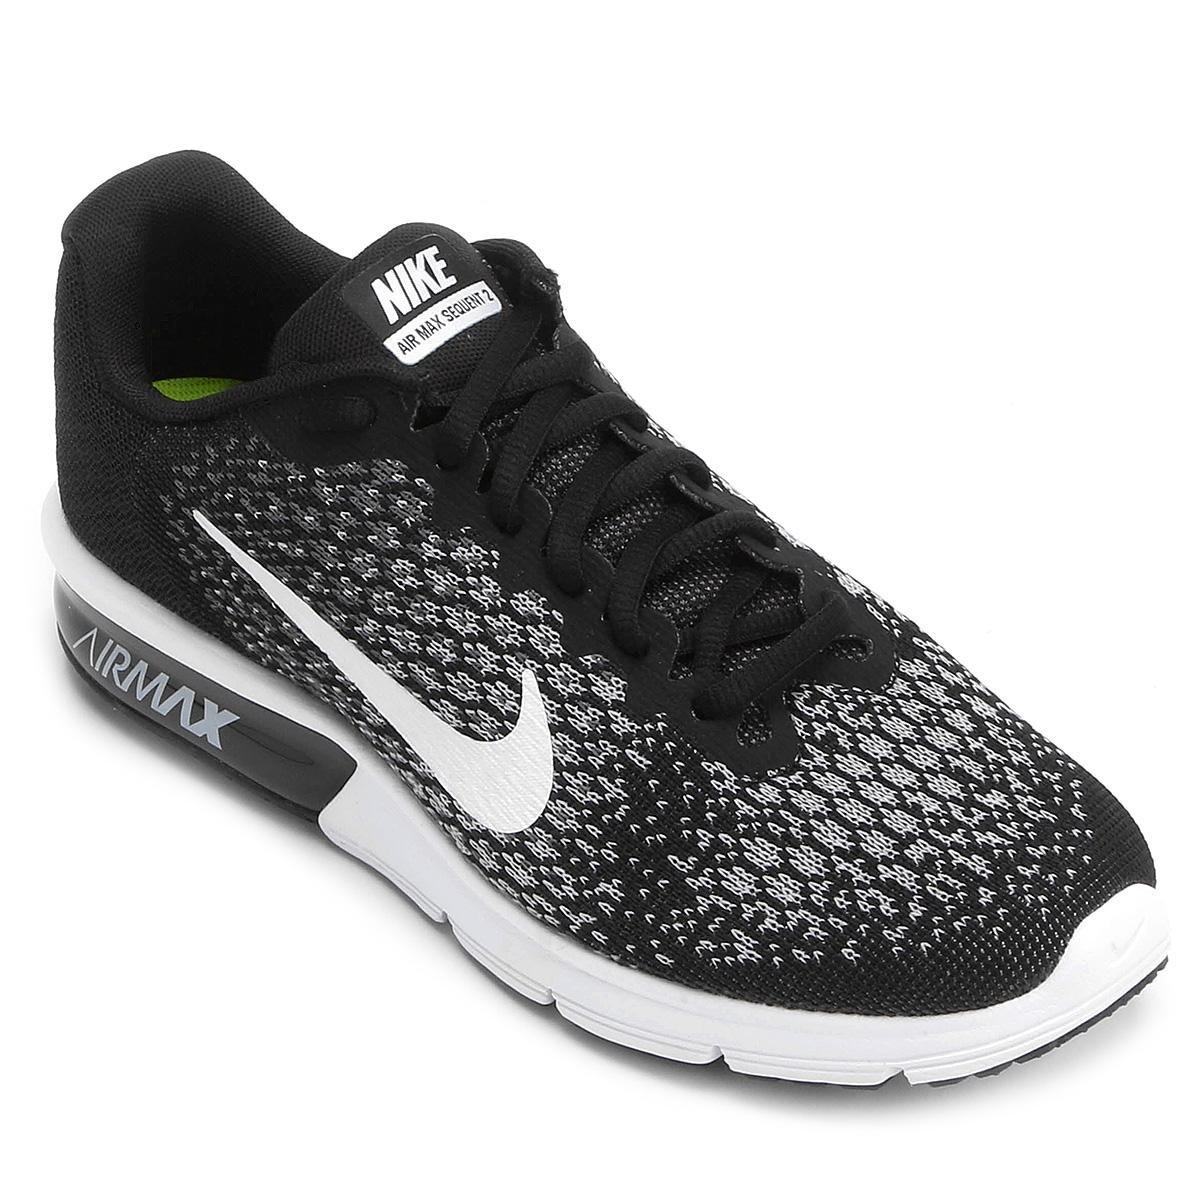 Tênis Nike Air Max Sequent 2 Feminino - Preto e Branco - Compre ... 218135165c